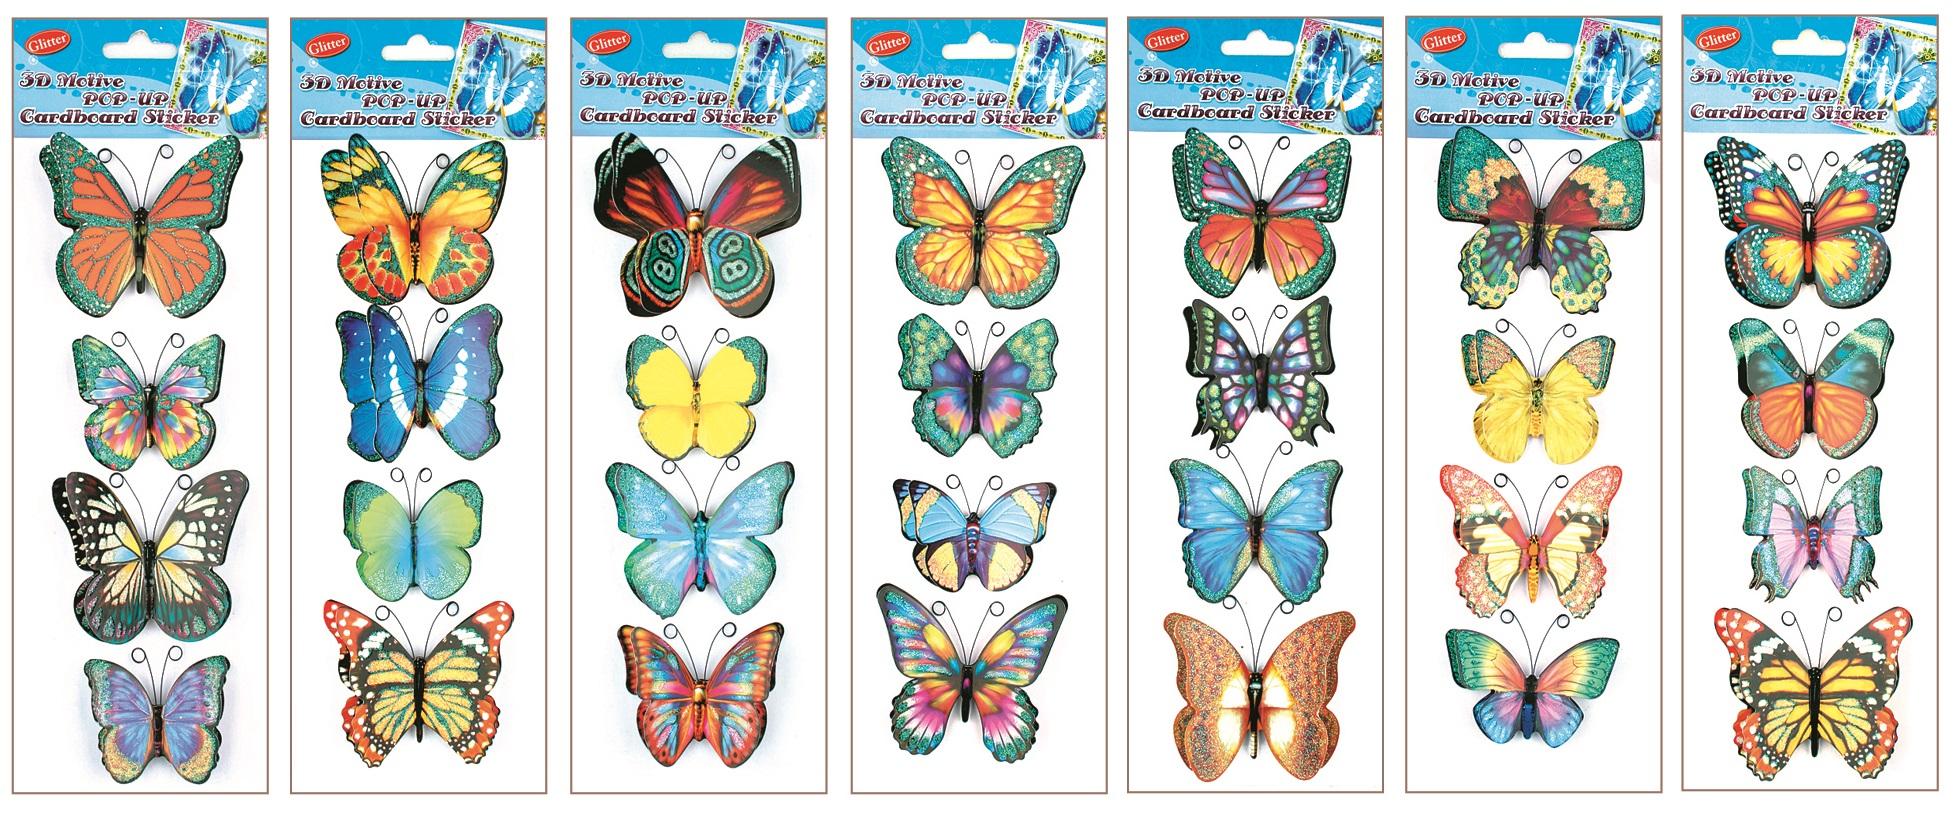 Samolepky na stěnu motýli s křídly a glitry, 4ks 29x12cm (1012)